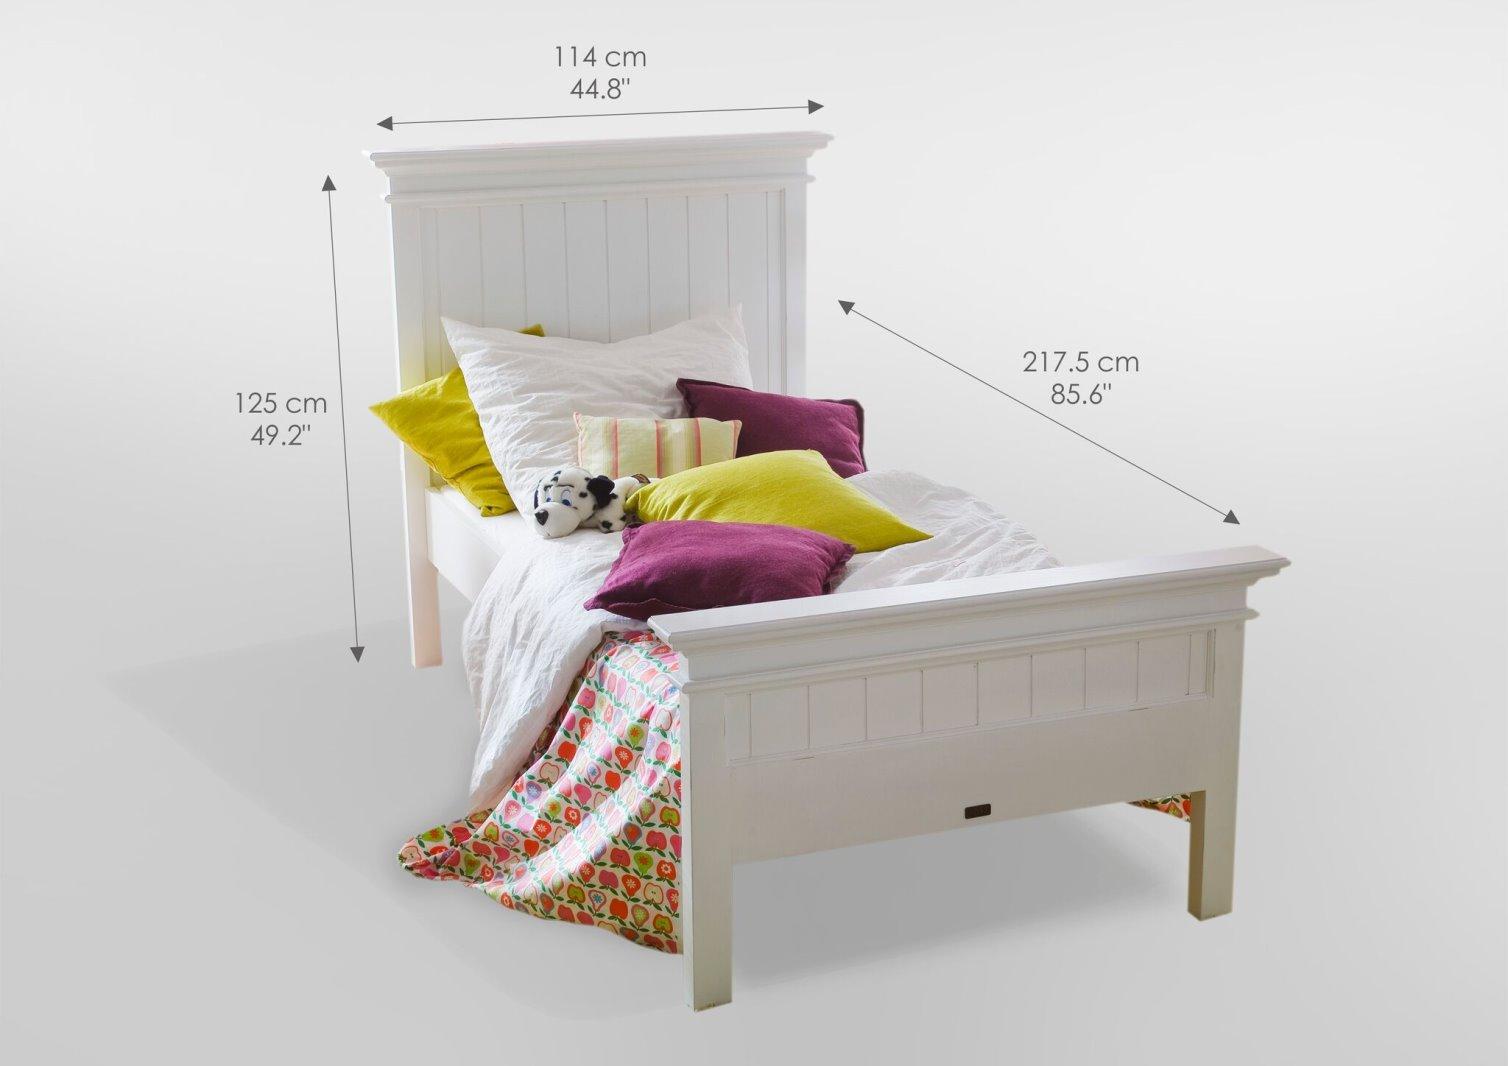 Holzbett Halifax Weiss 90x200 Bett Jugendbett Kinderbett Tagesbett